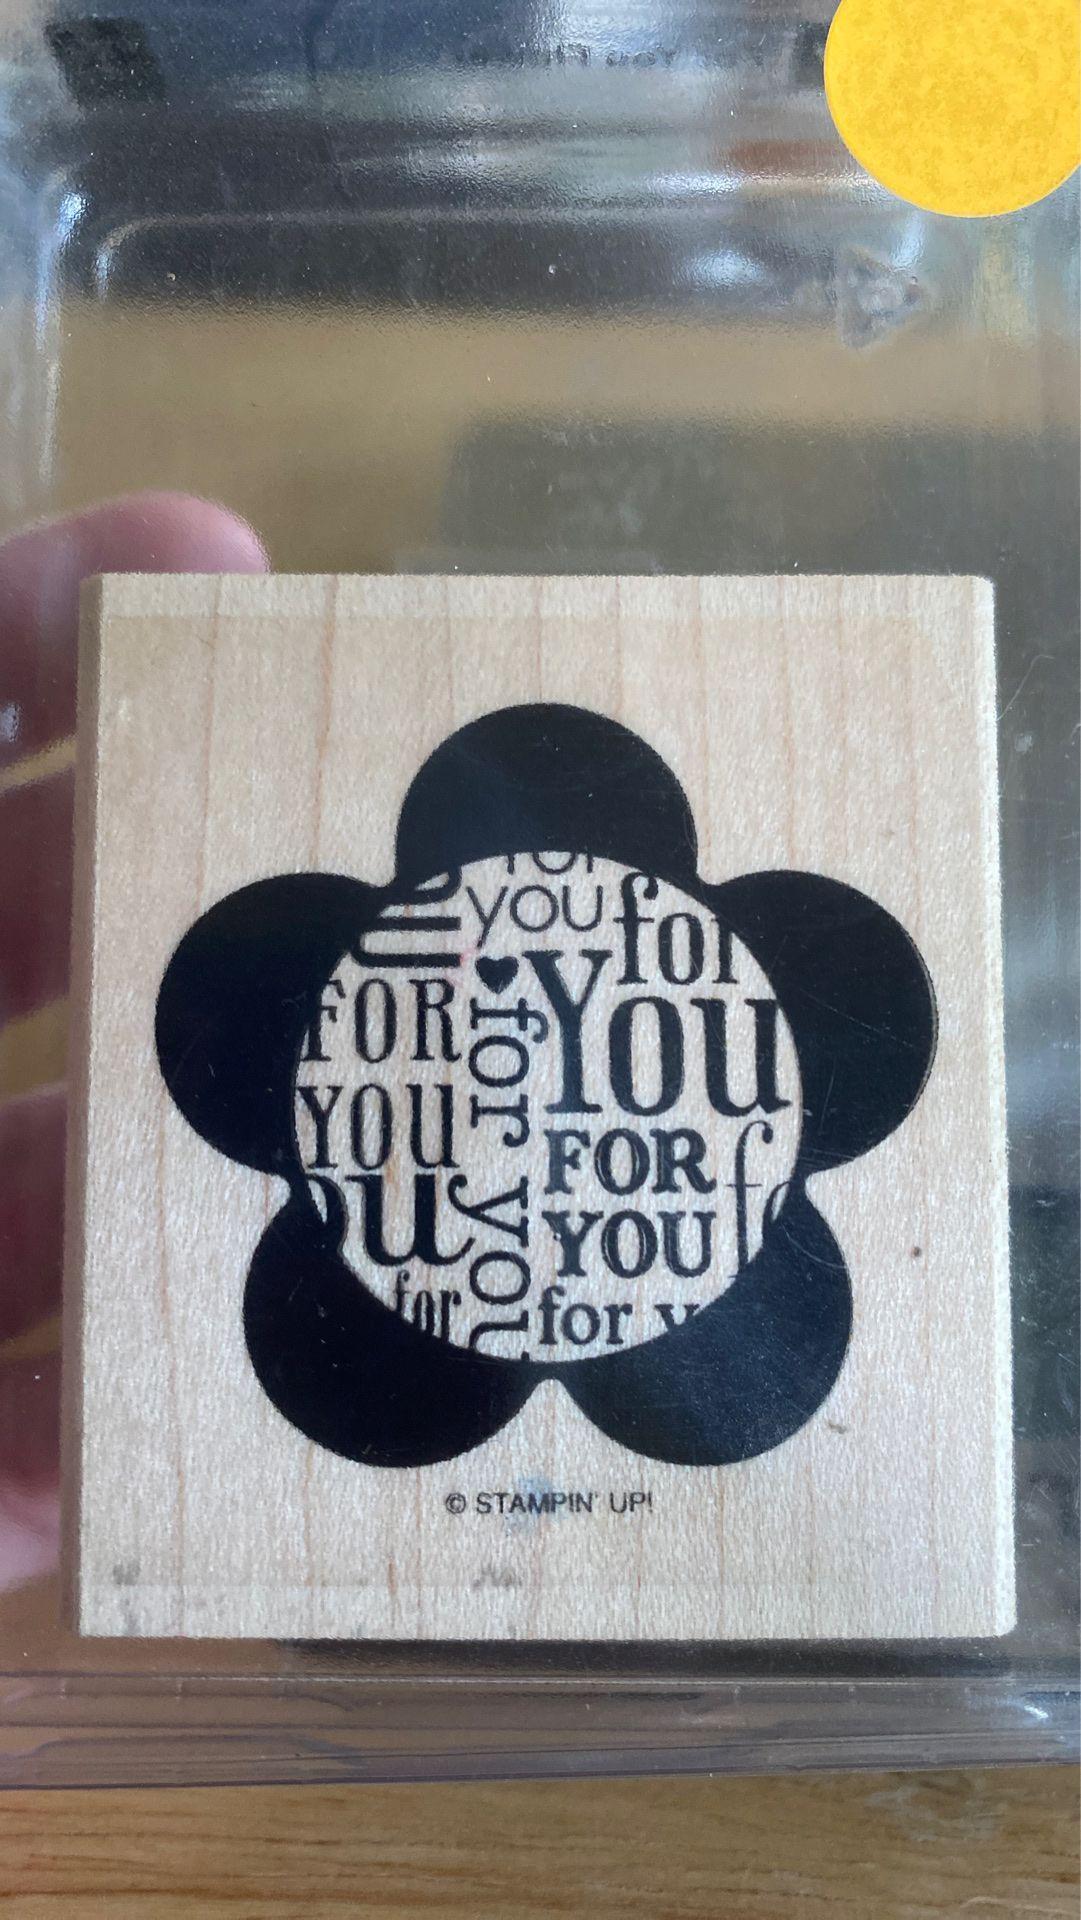 Stampin Up! Wooden Stamp Set